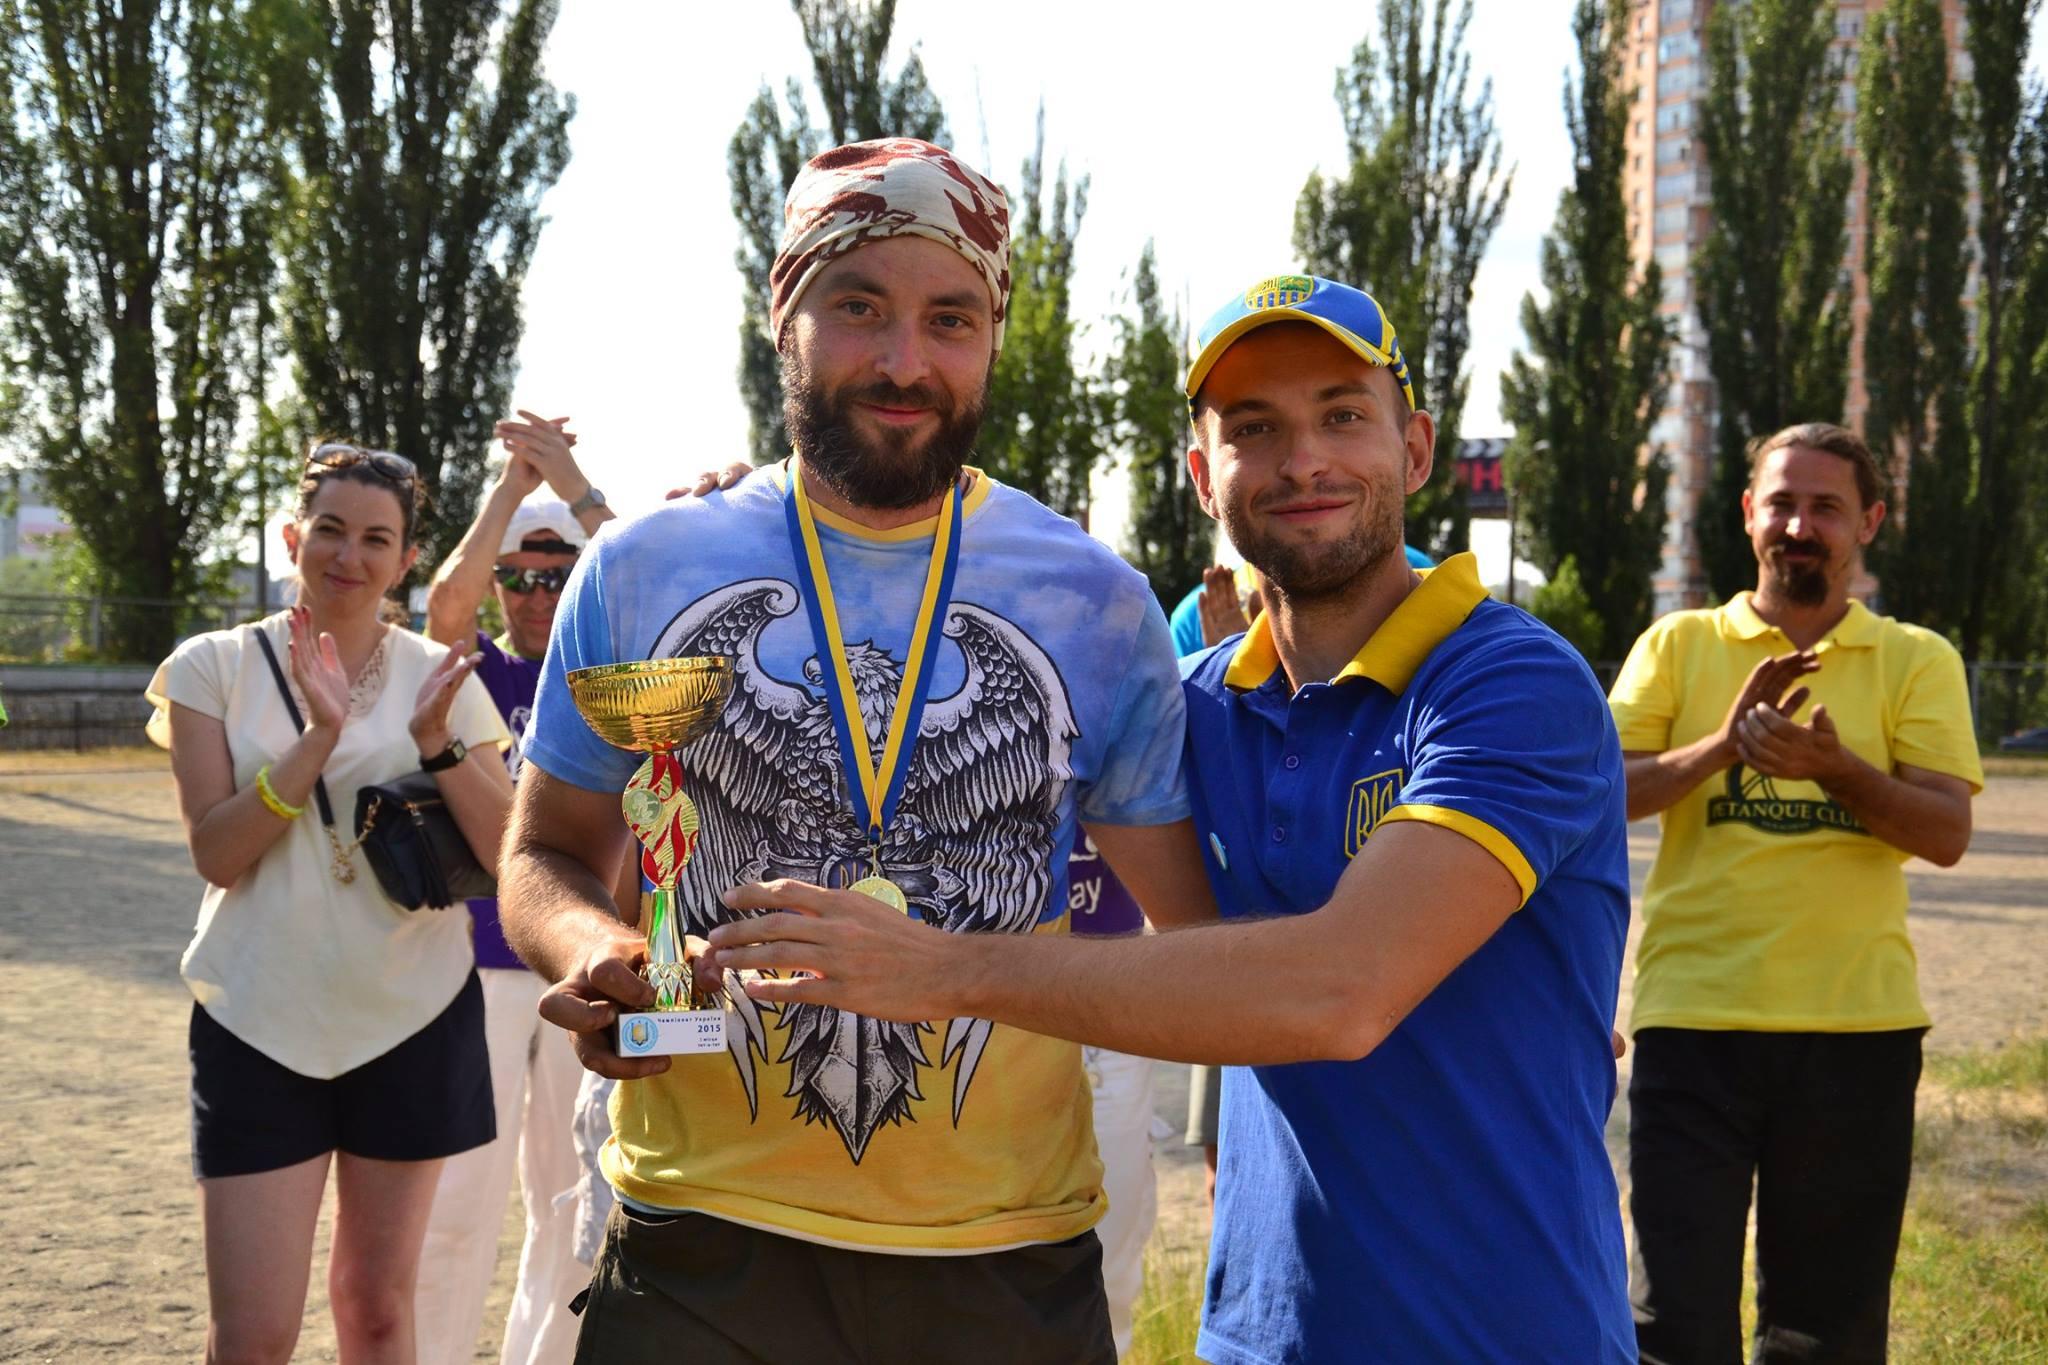 Сергій Денисенко — чемпіон України з петанку 2015